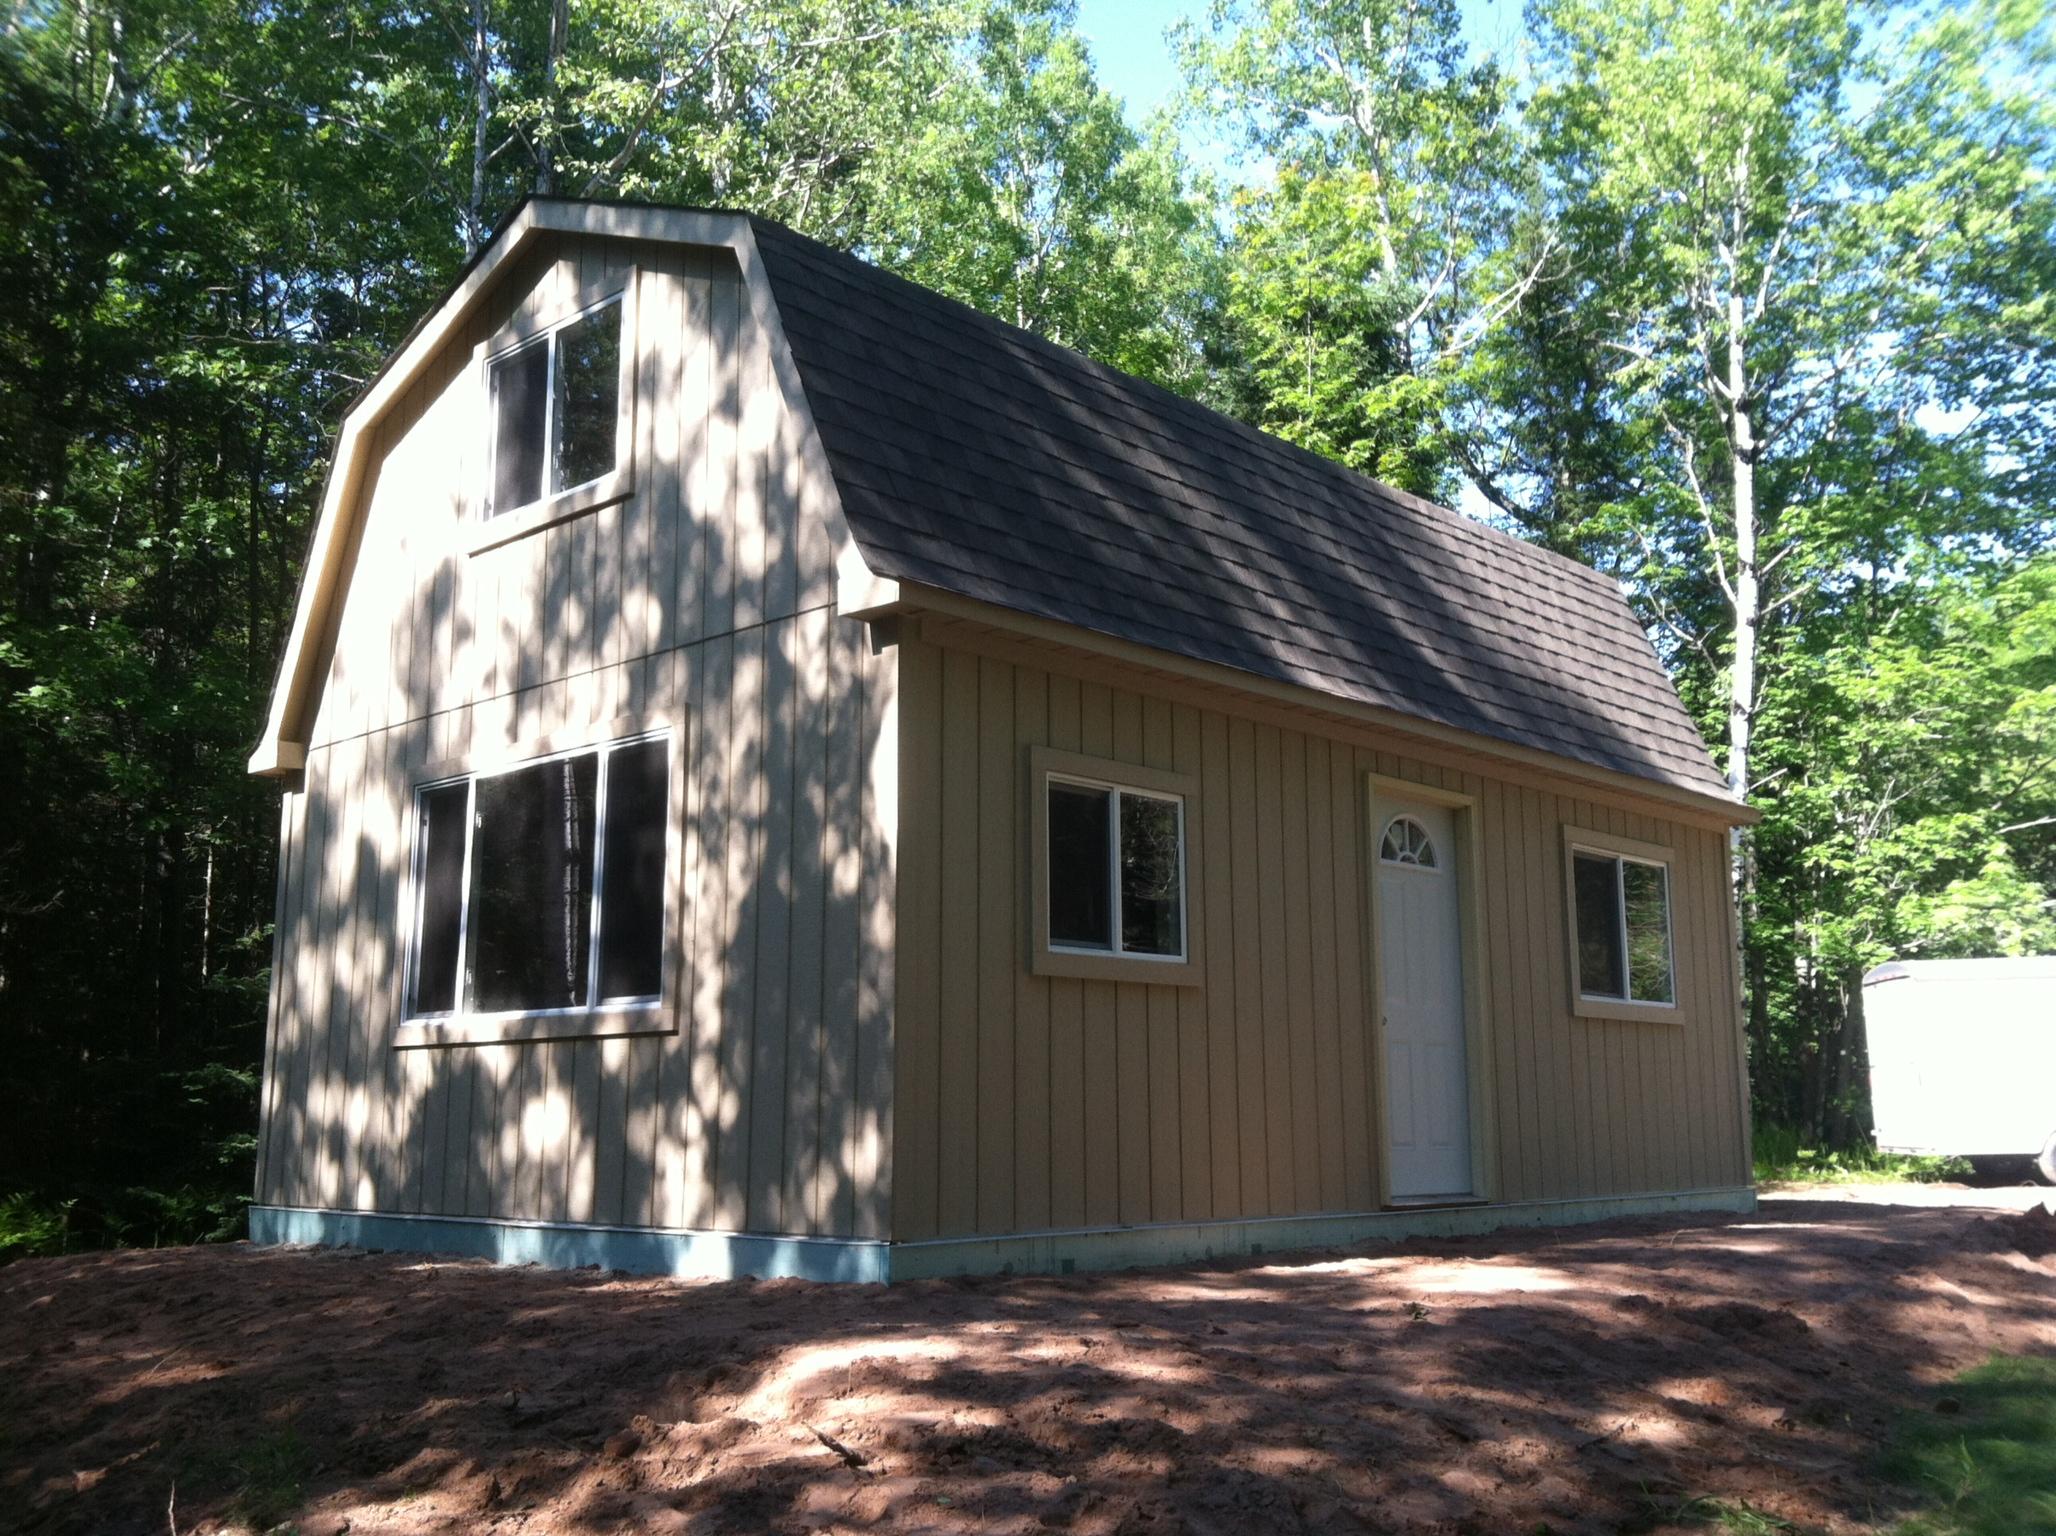 16x24 Barn Cabin